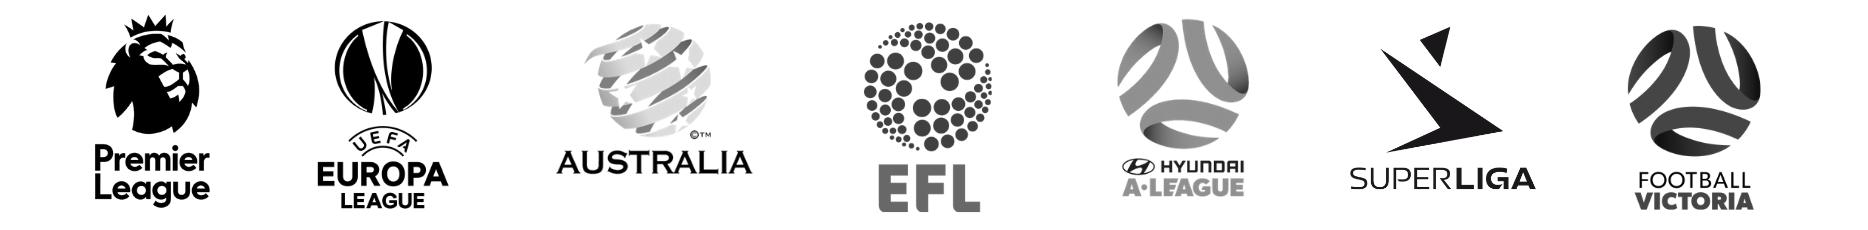 League Logos